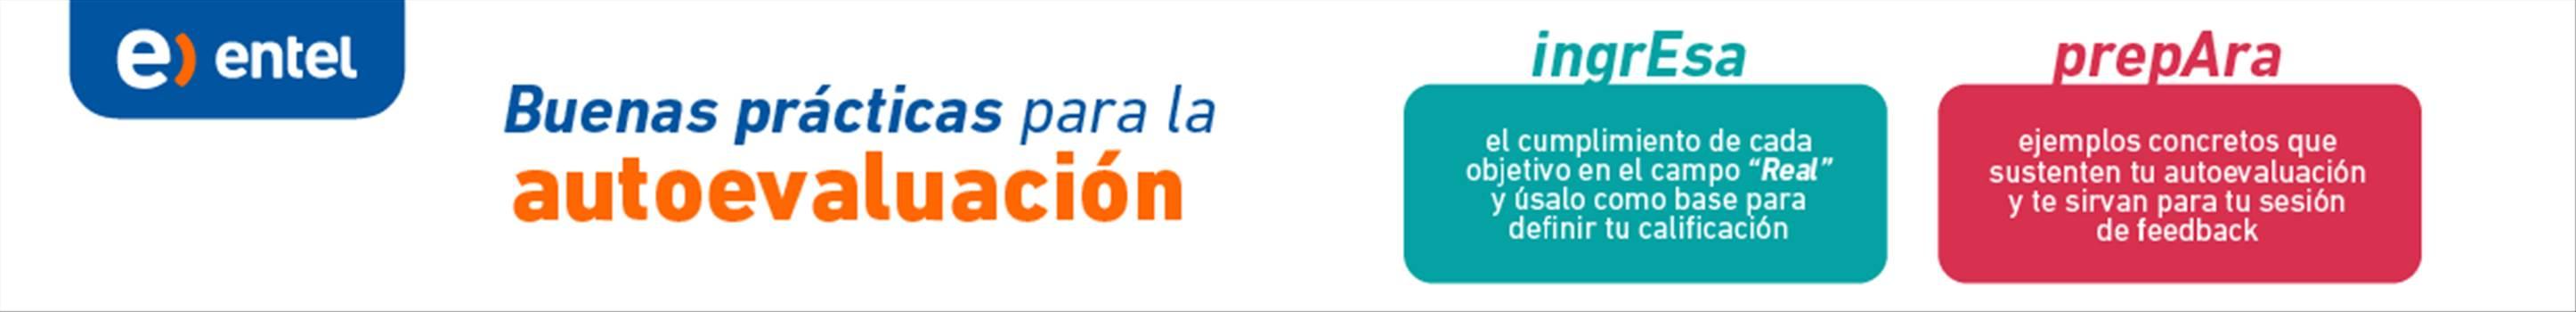 Banner último autoevaluación.png by andreaespinoza